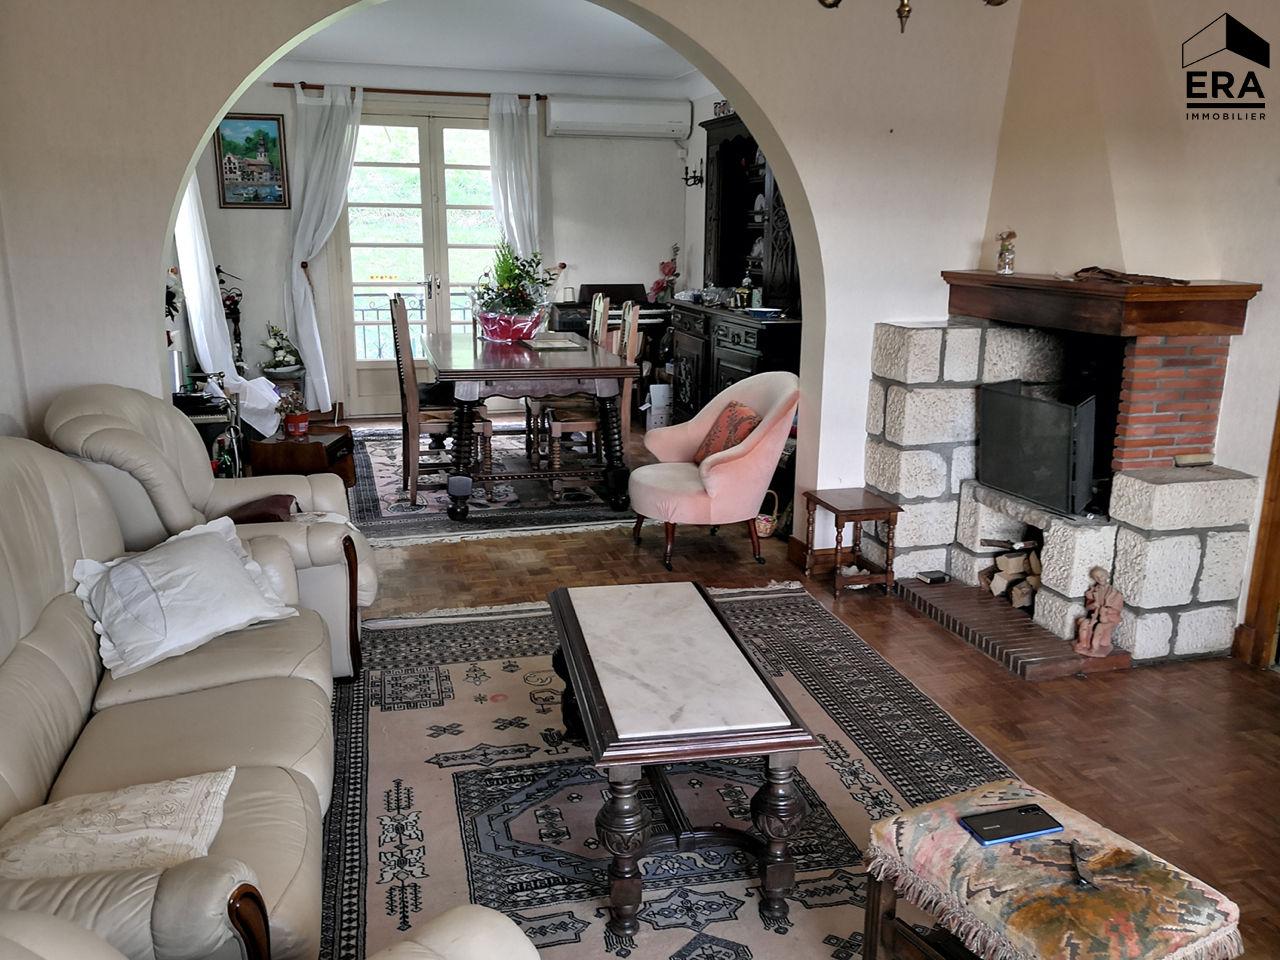 vente maison à HENDAYE - 555 000